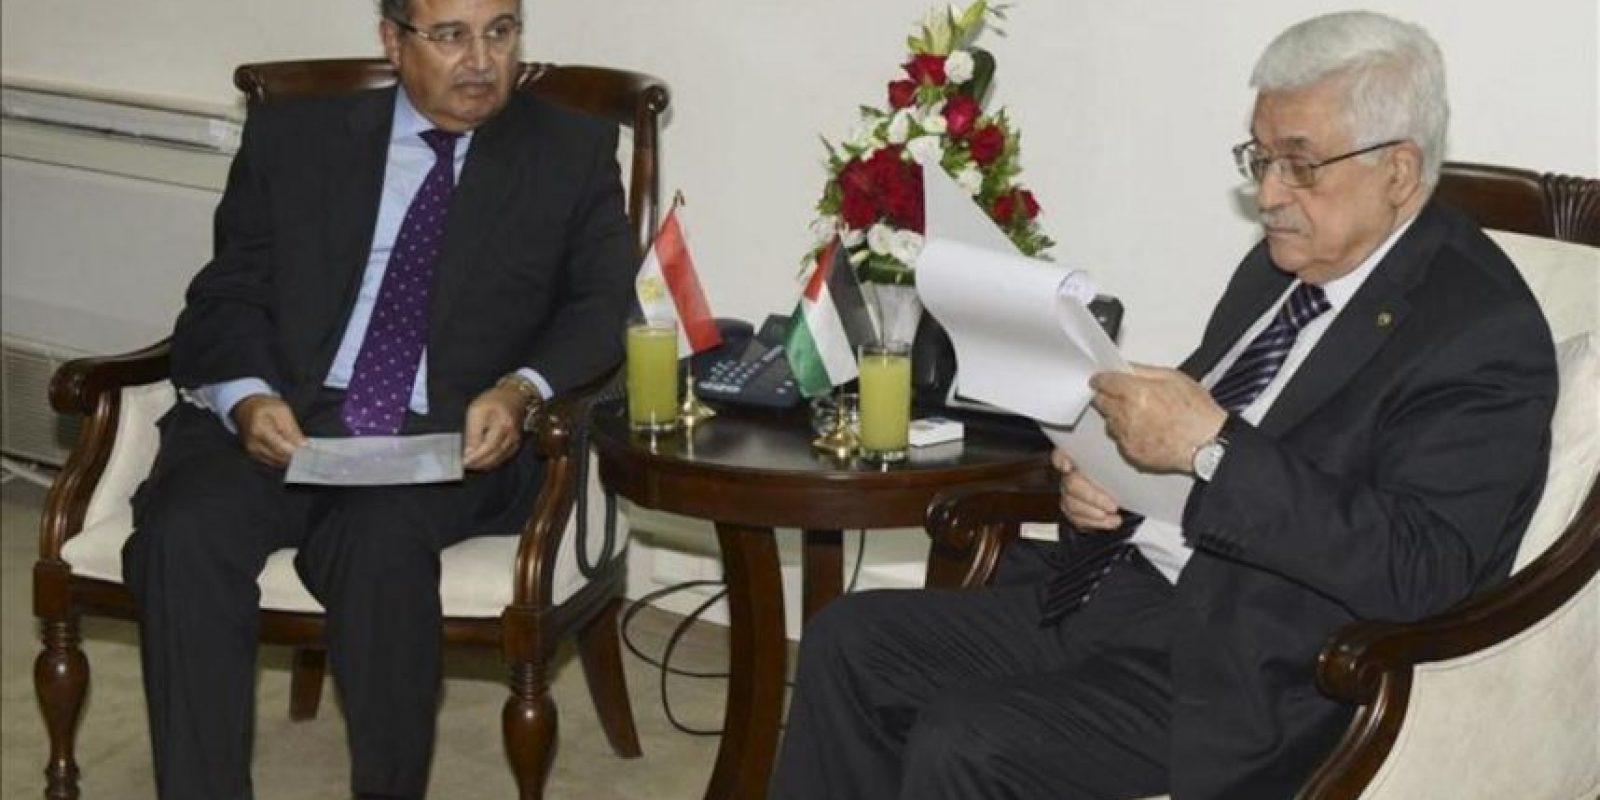 Fotografía facilitada por las Autoridades Palestinas del ministro de Exteriores egipcio, Nabil Fahmi (d) durante la reunión que ha mantenido con el presidente palestino, Mahmud Abás (i), hoy, 26 de agosto de 2013, en la ciudad cisjordana de Ramala. EFE